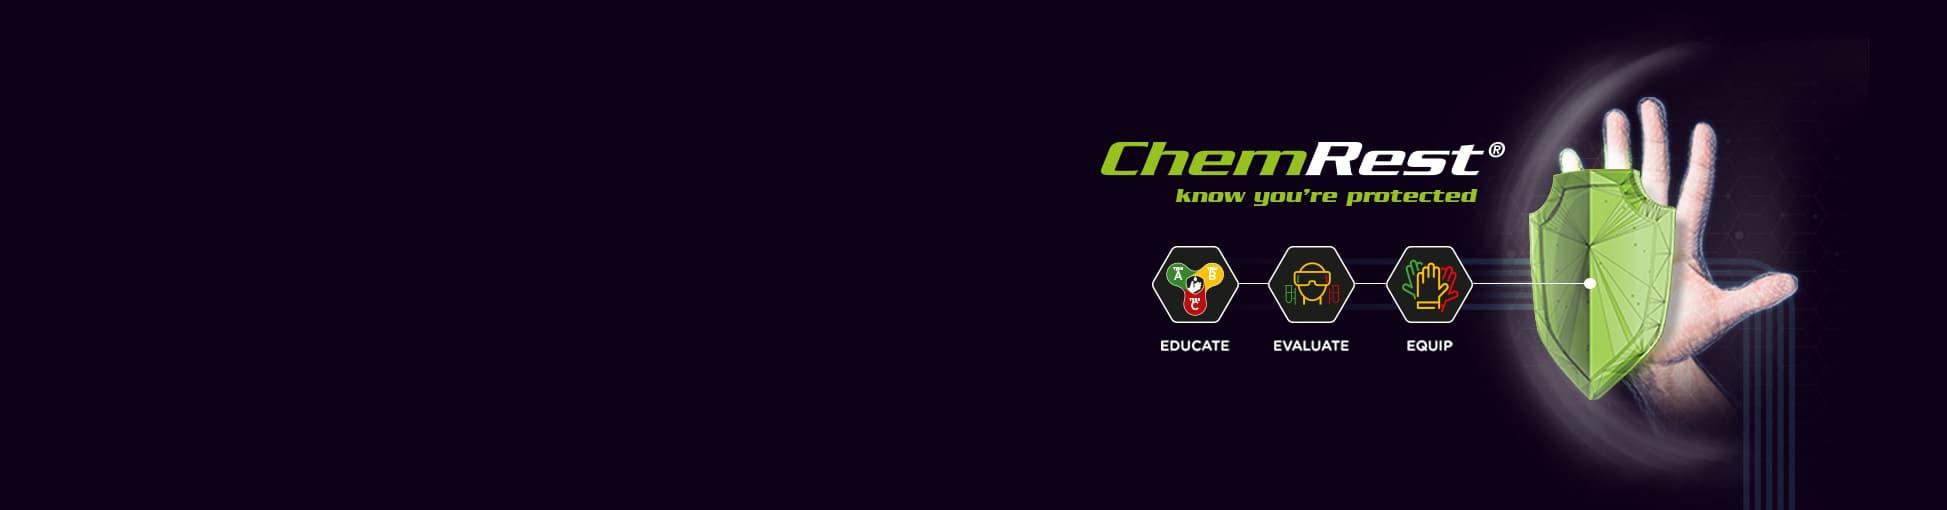 Showa_homepage_Header_chemrest_revised-pichi